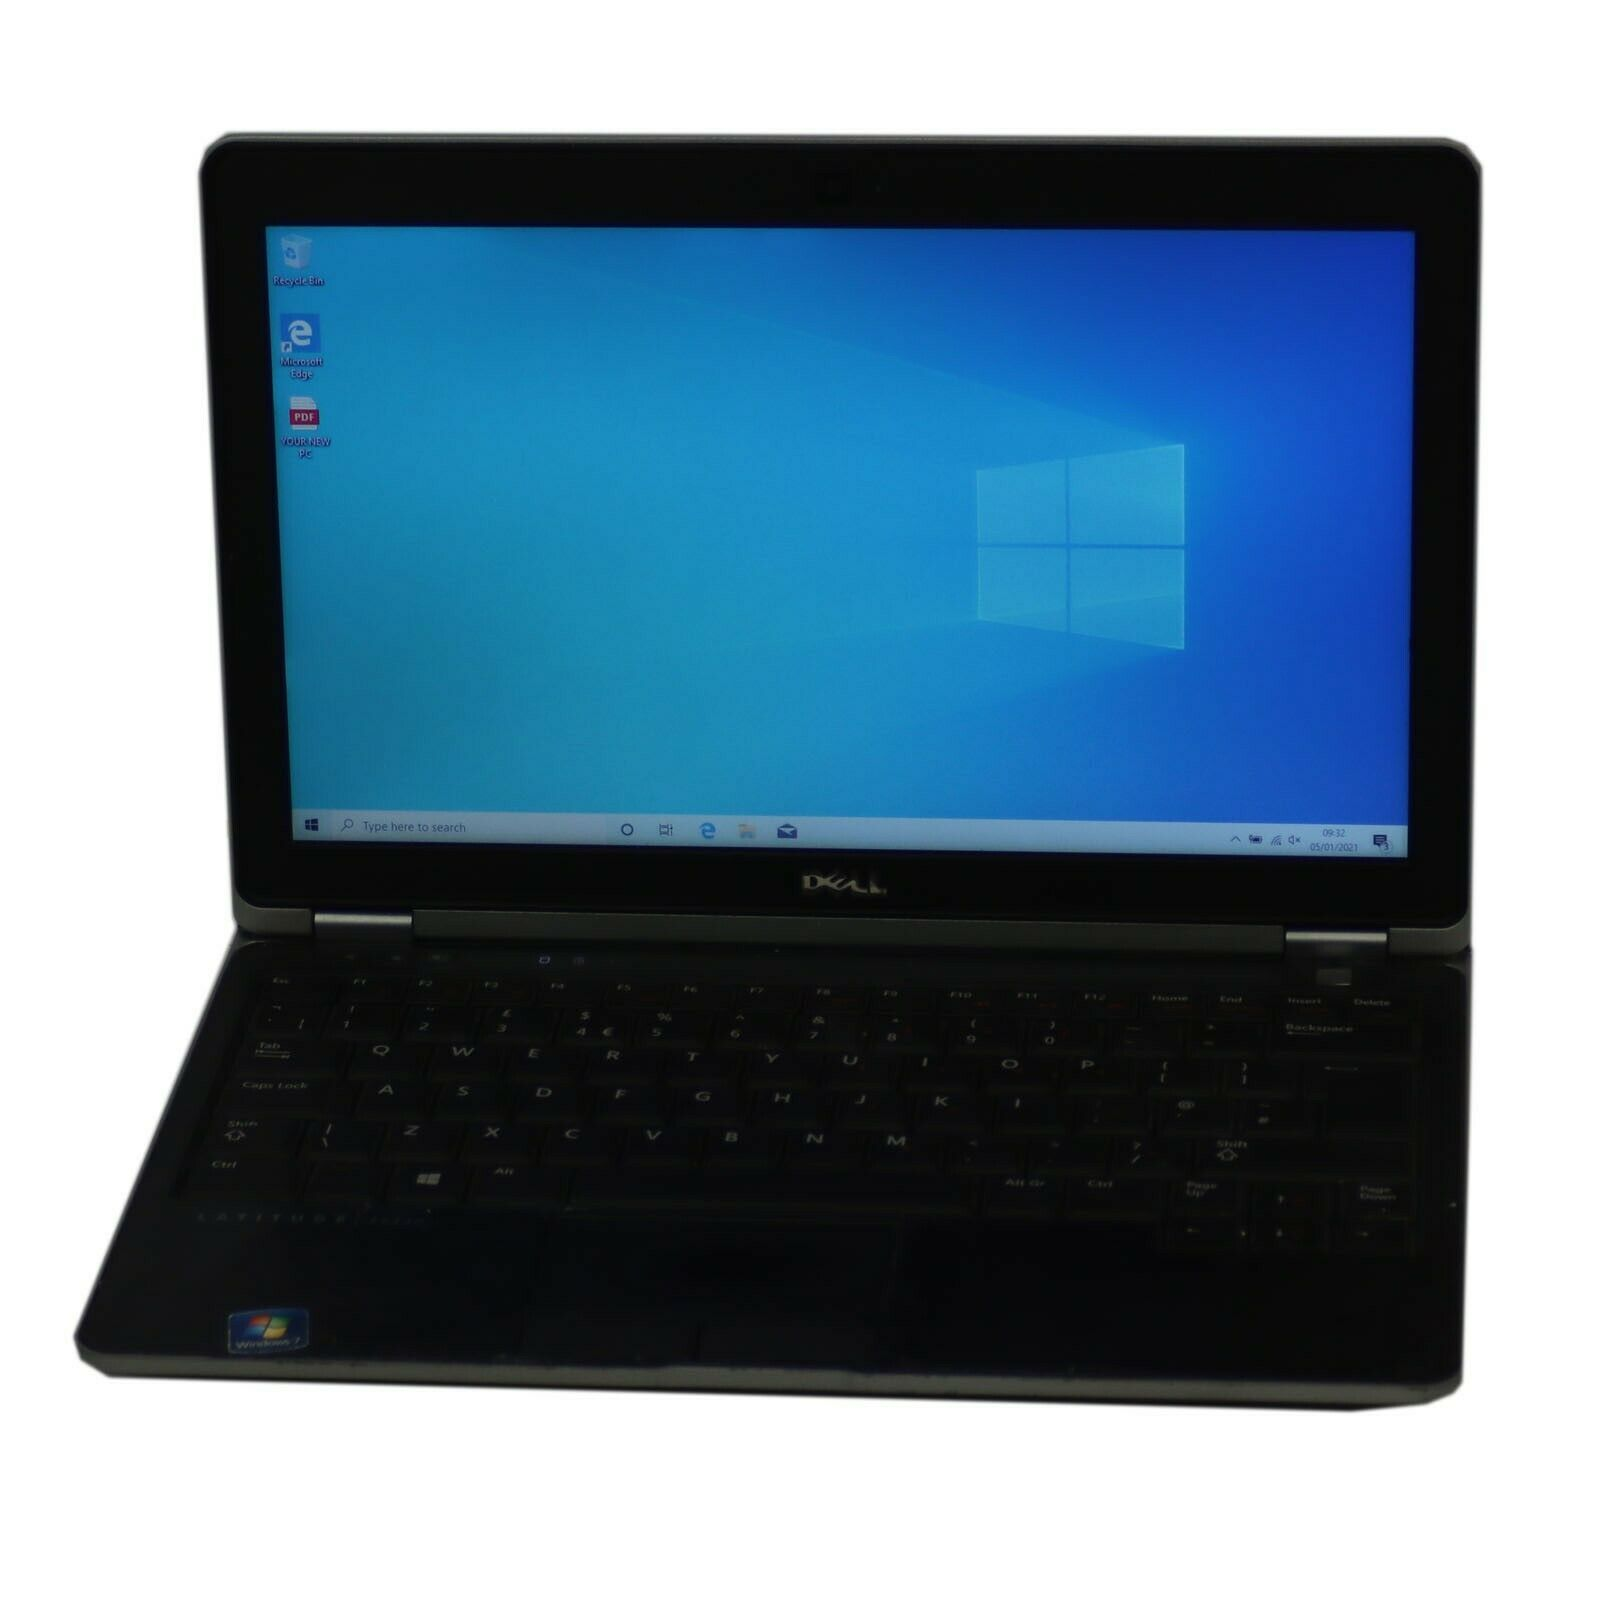 """Laptop Windows - Dell Latitude E6230 Core i3 12.5"""" Laptop - 2.60GHz/4GB/500GB/Windows 10 Home"""